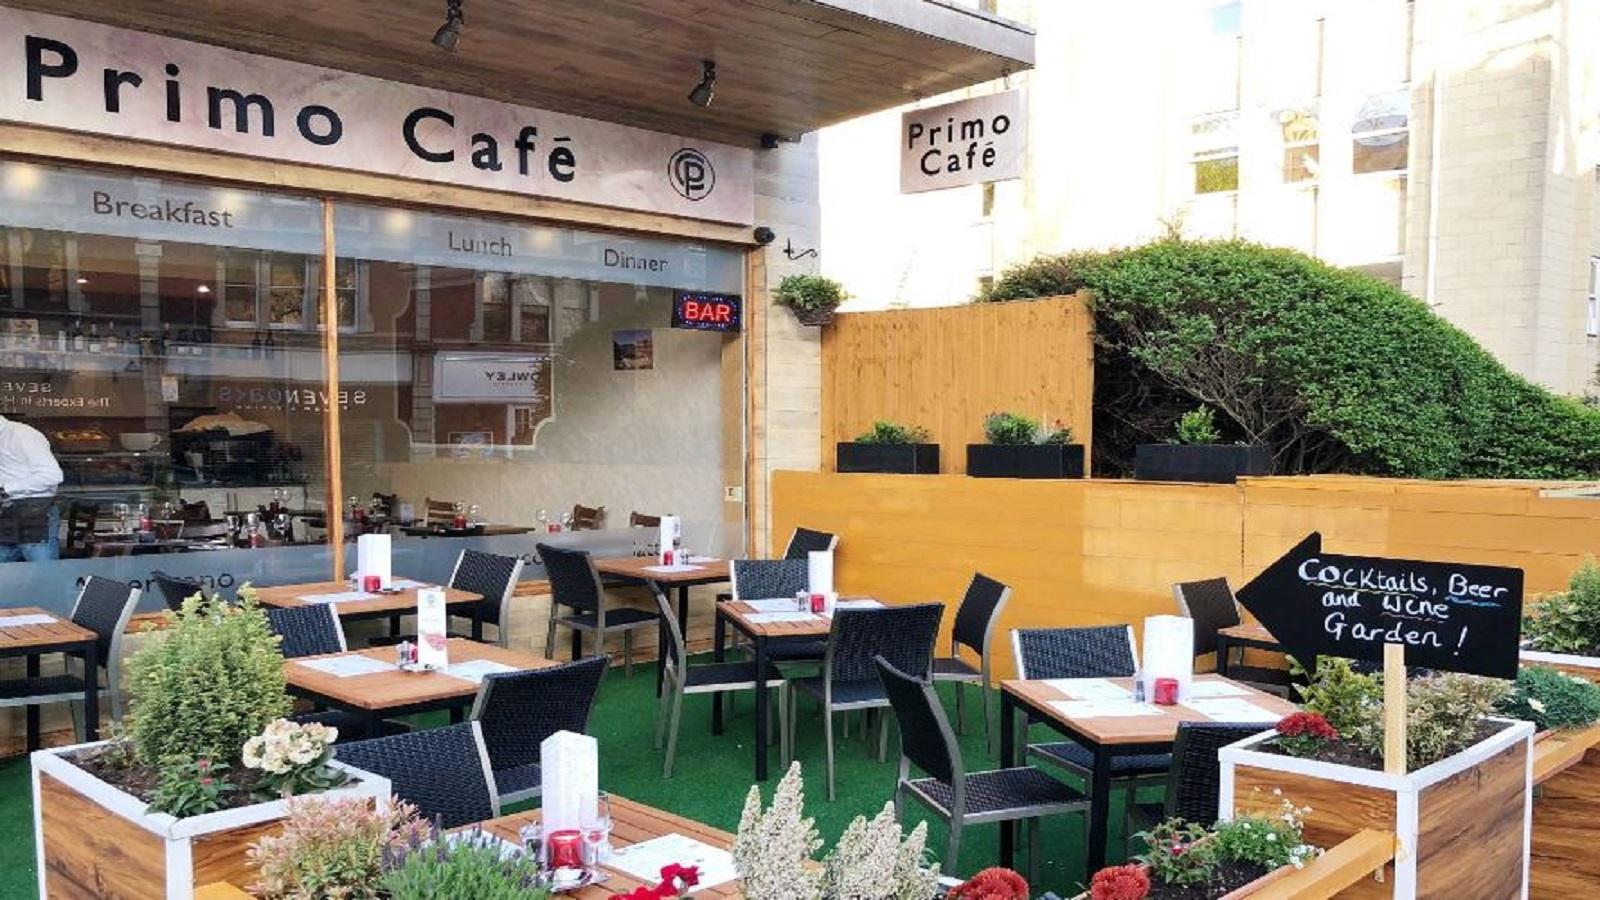 Primo Cafe